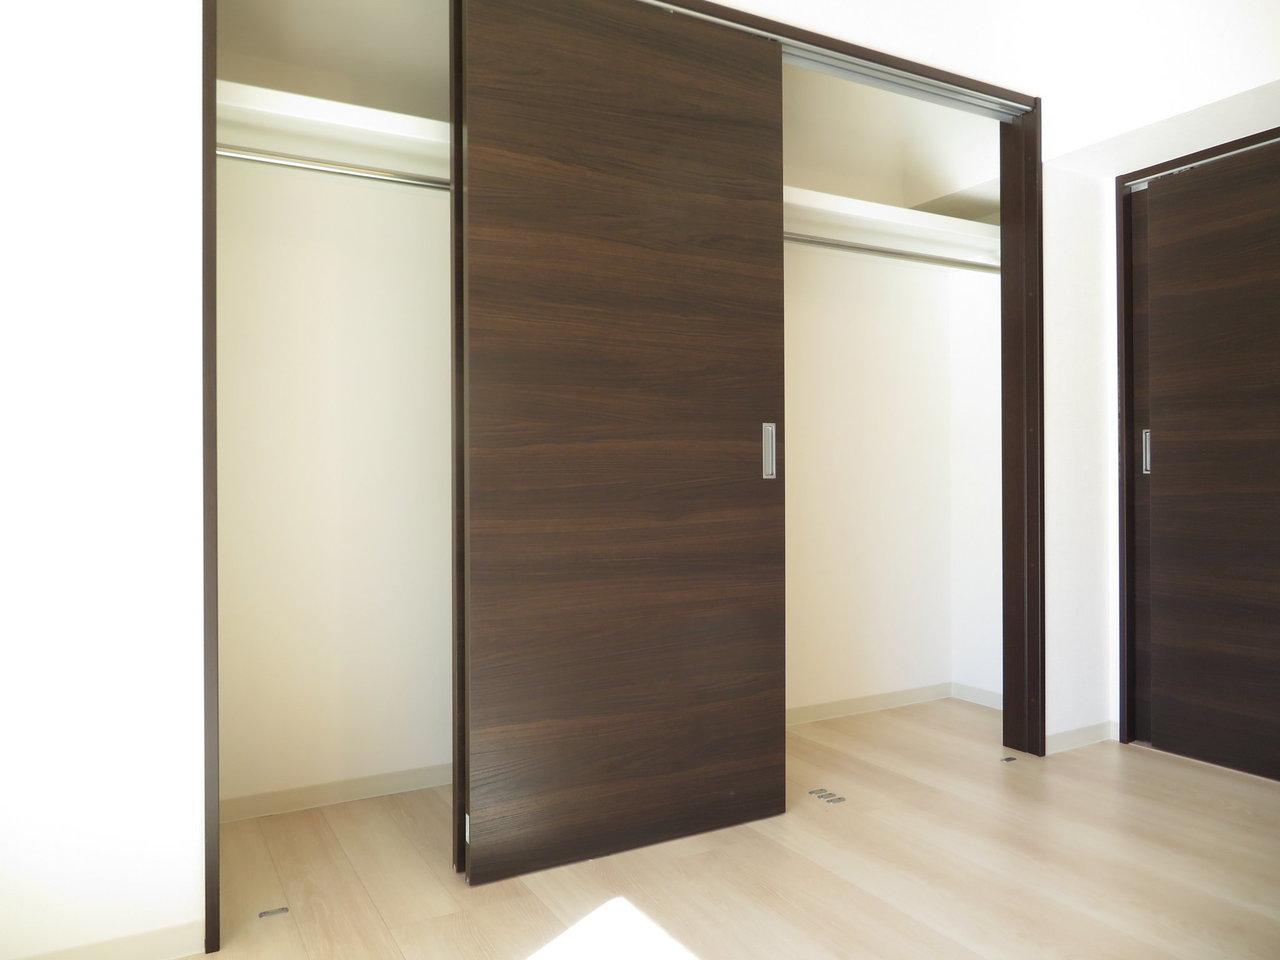 10畳のリビングにある収納スペースもかなり広々。奥行きはあまりありませんが、横幅があるのでクリアケースなどを活用してうまく収納を楽しんでくださいね。